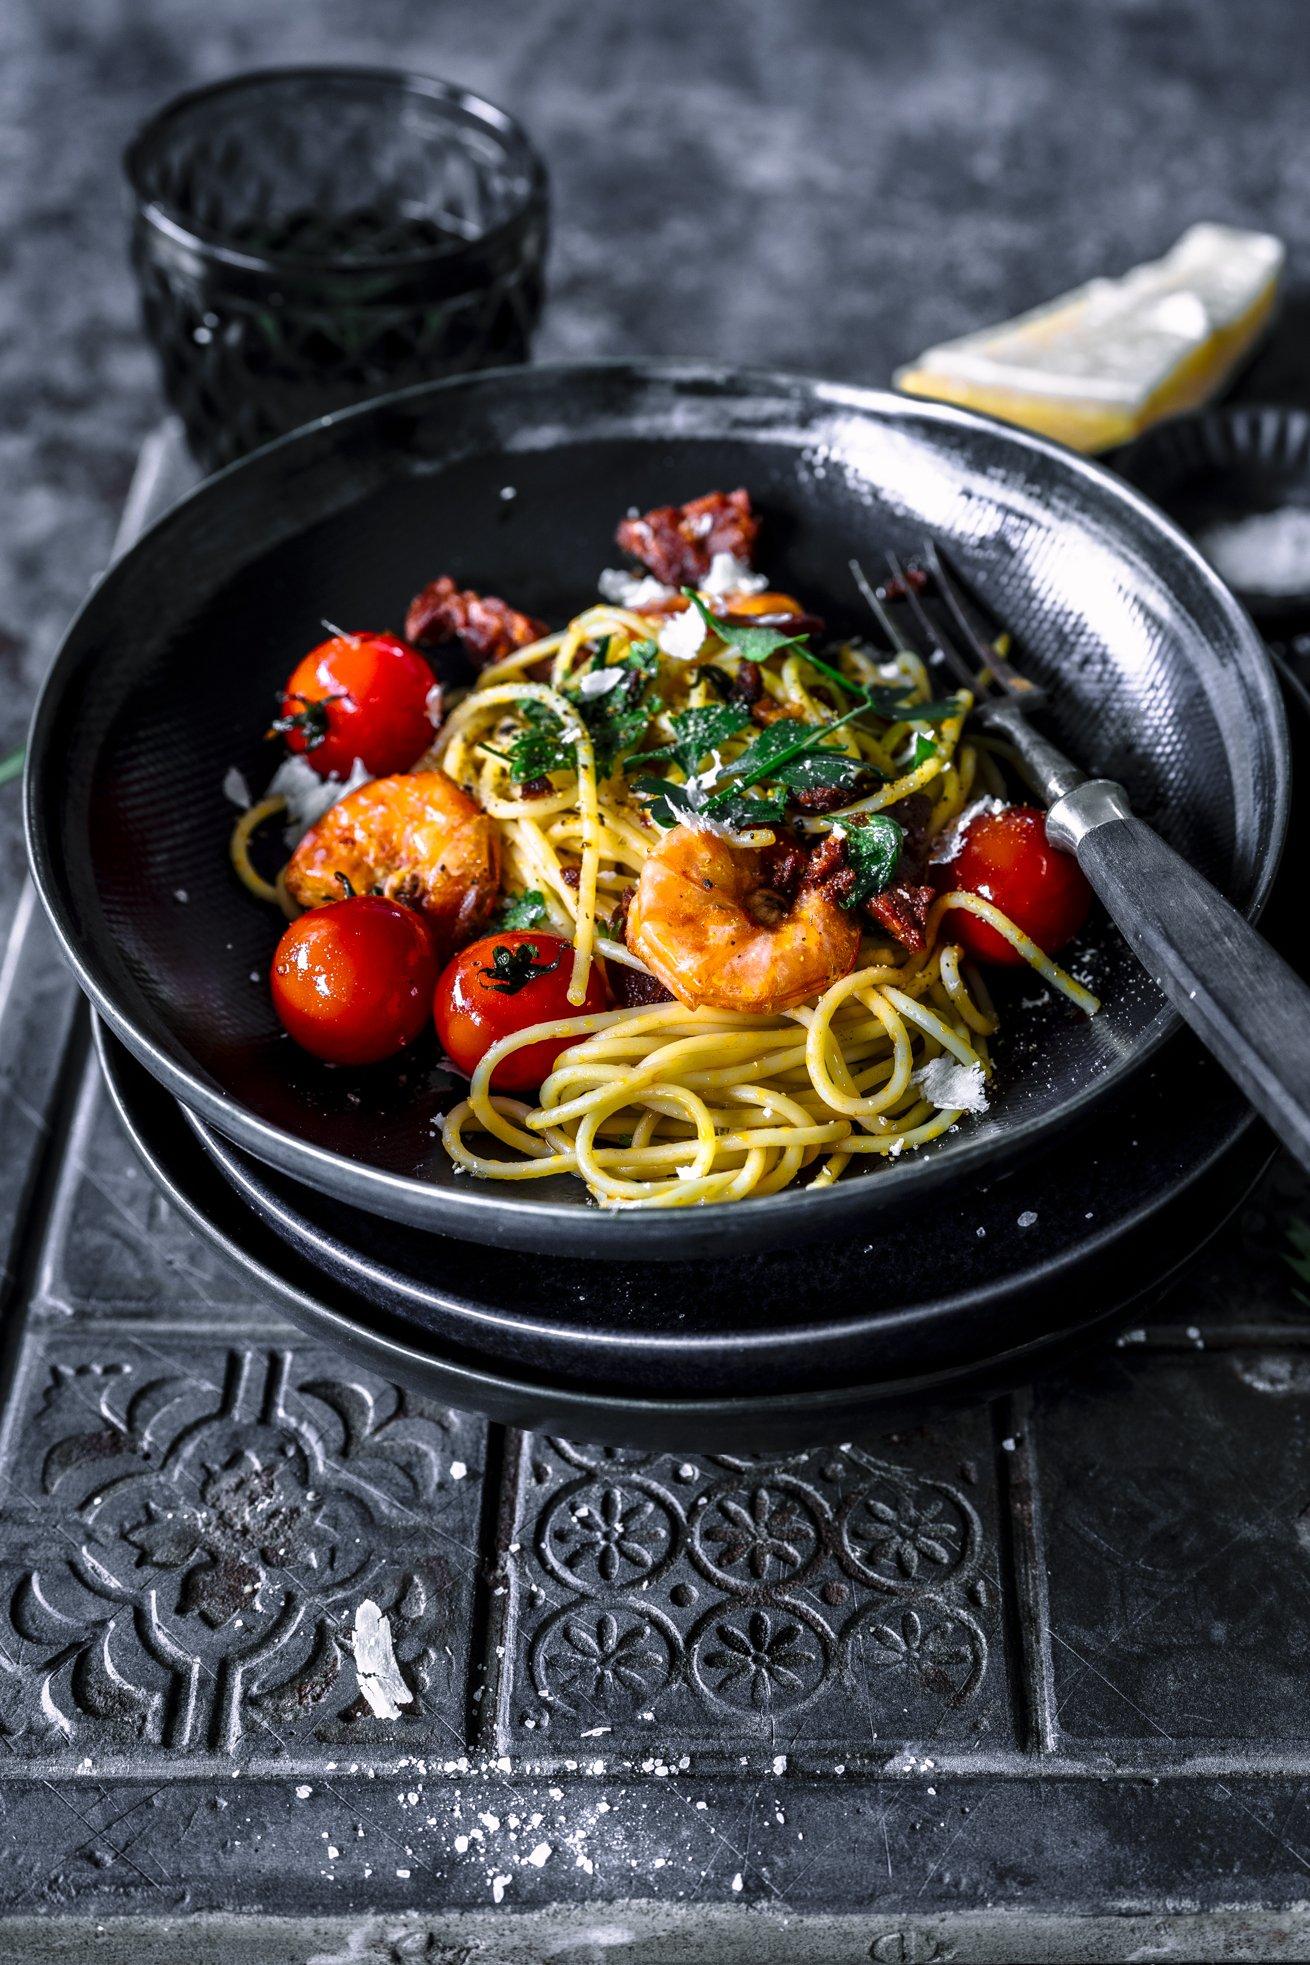 Tolle Geschmackskombination - Spaghetti Surf and Turf mit Chorizo und Scampi